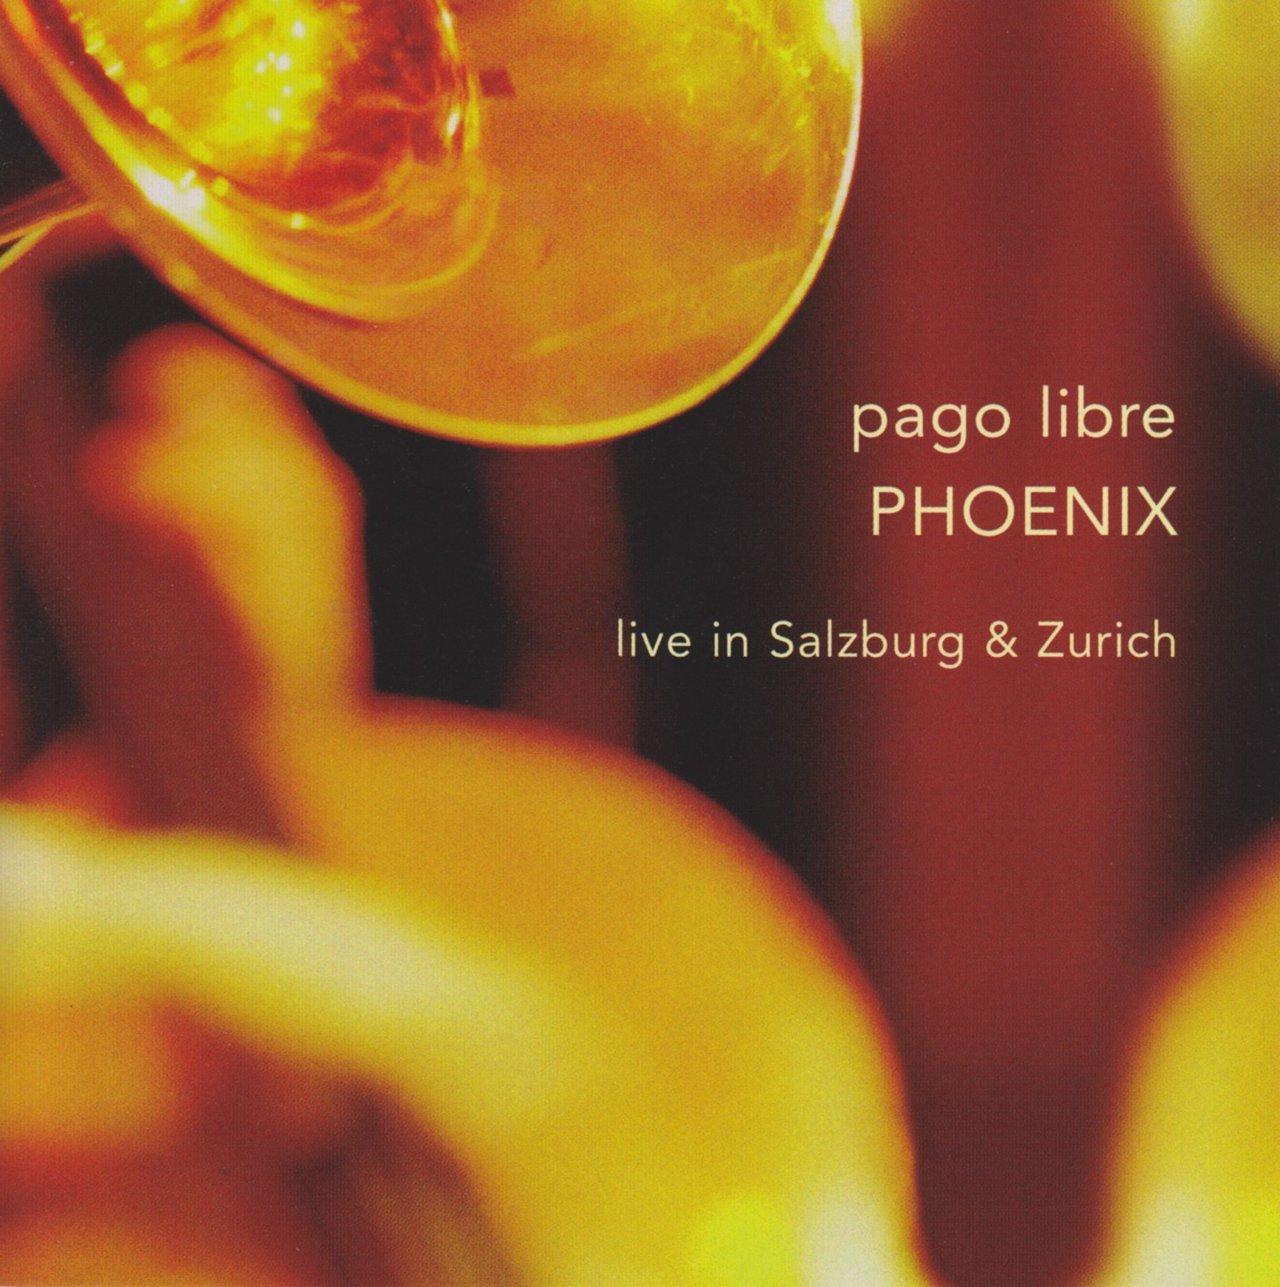 Phoenix: Live in Salzburg & Zurich